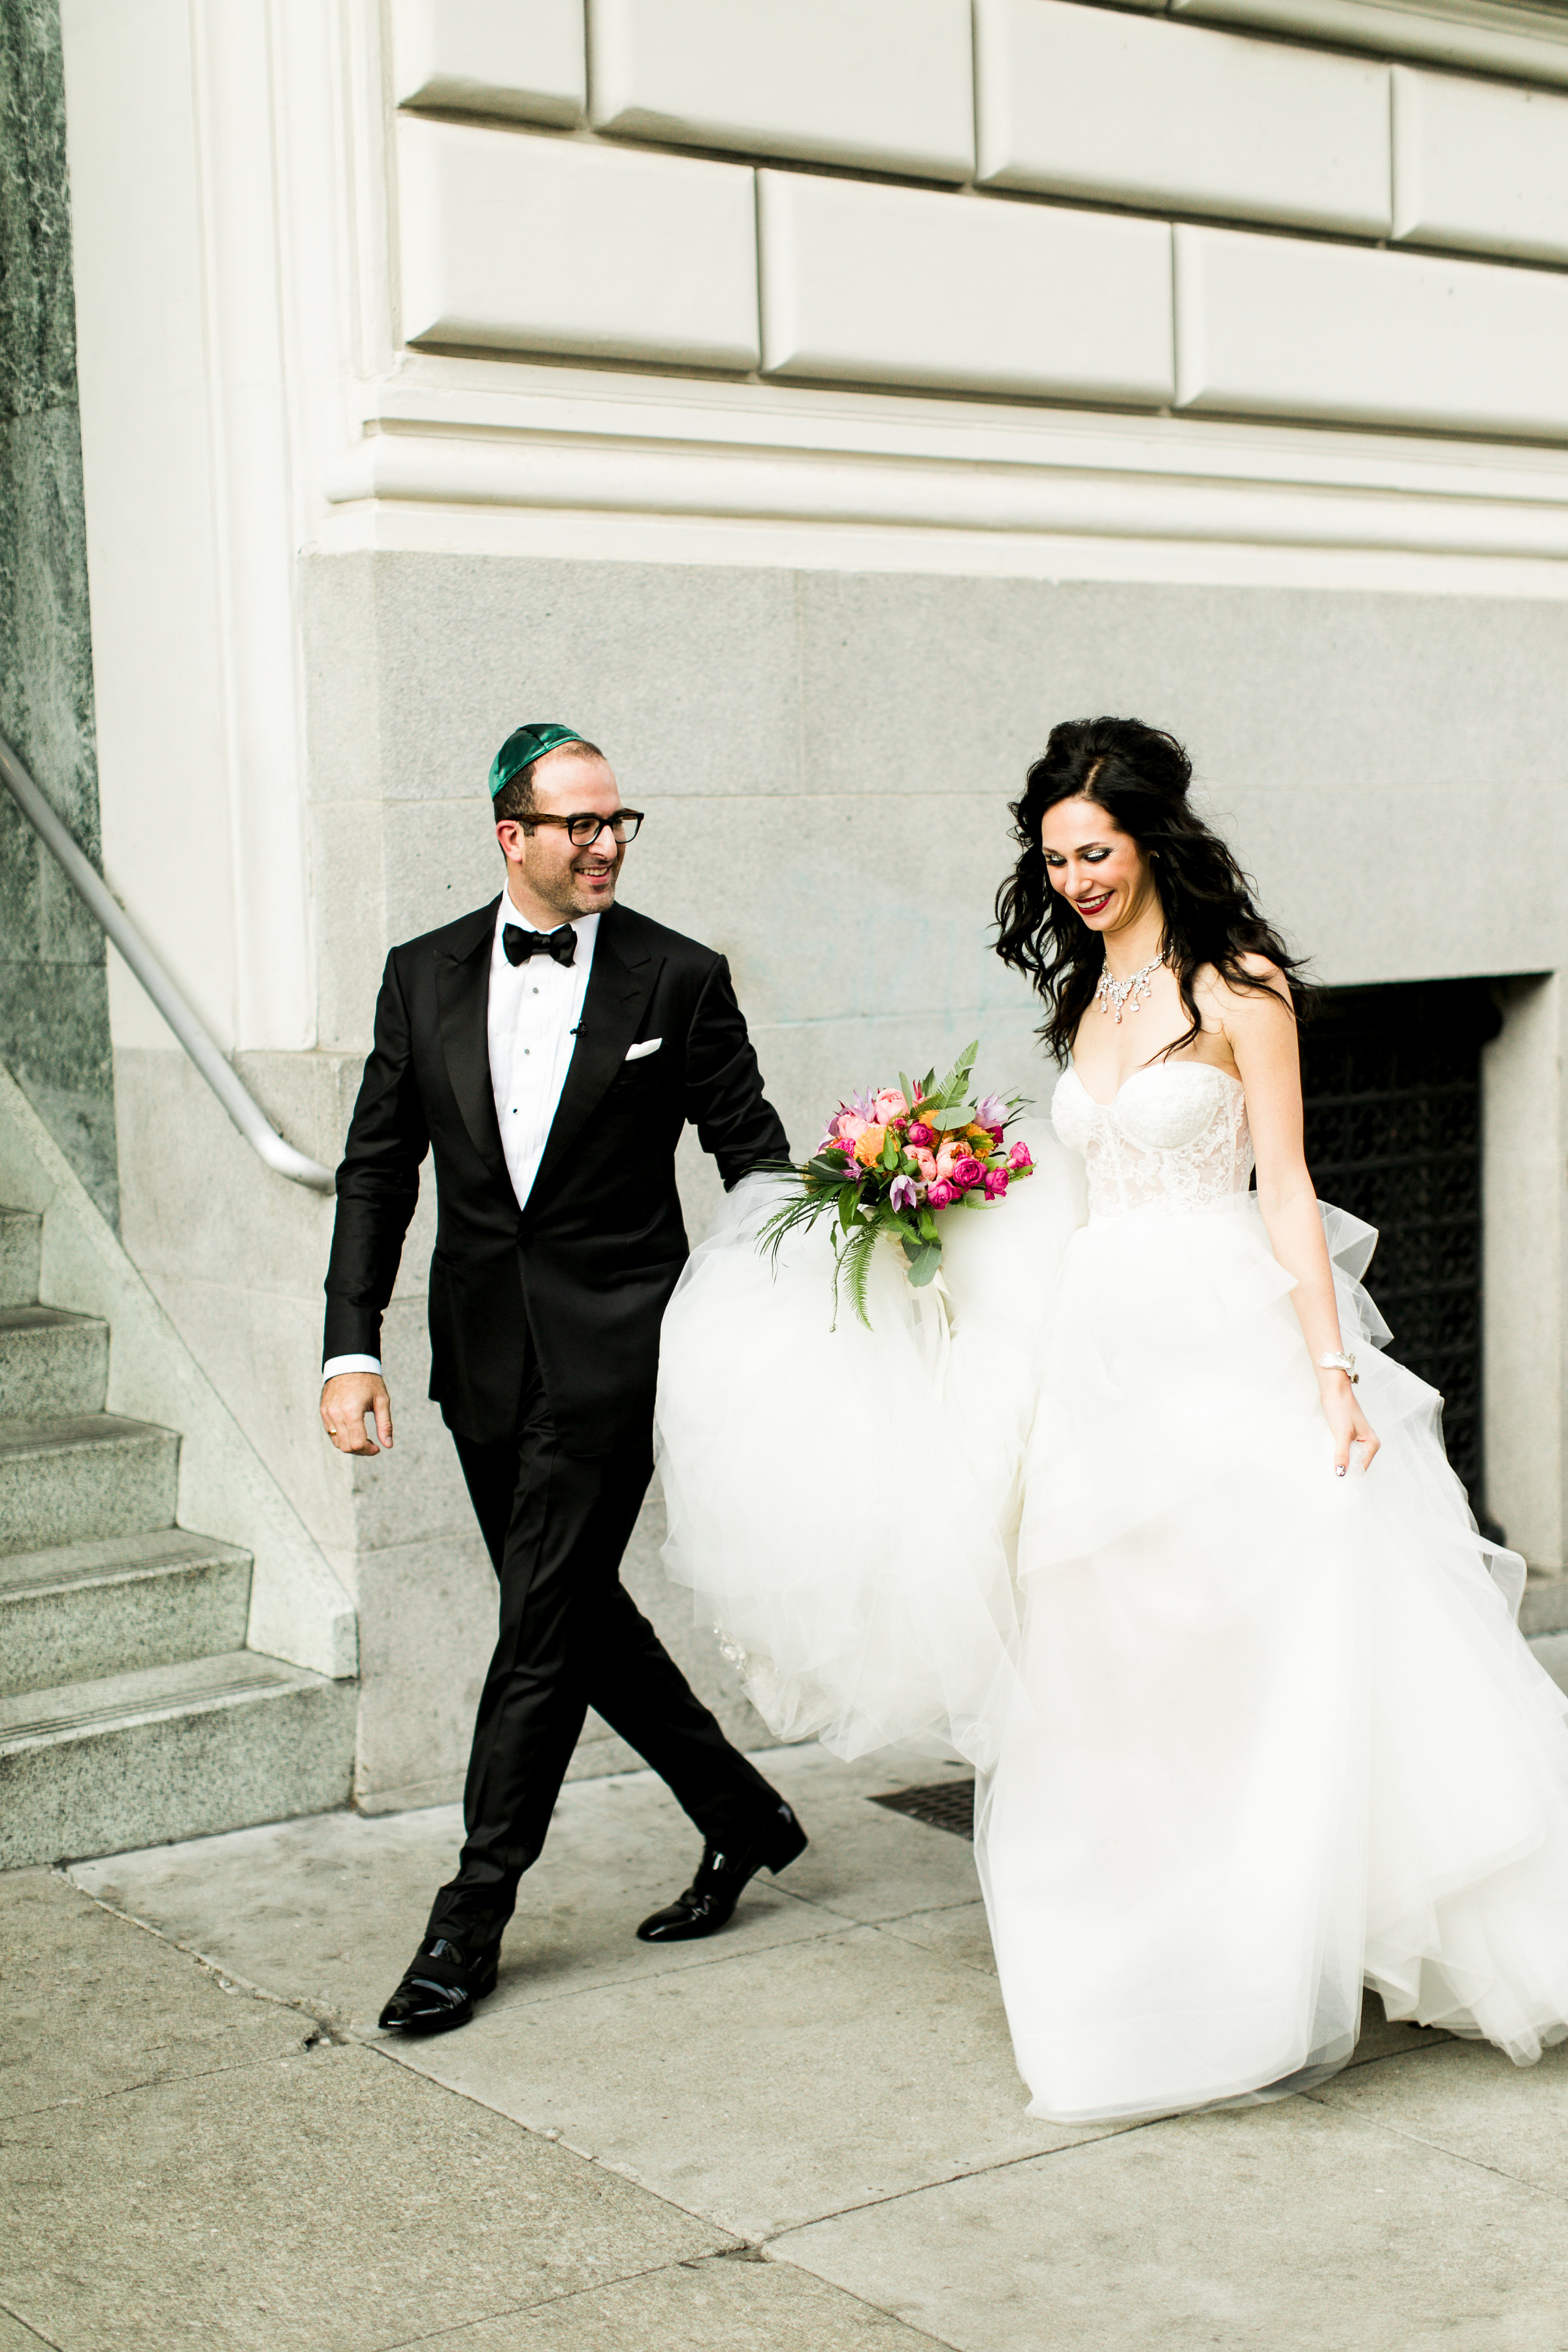 Phillip-Kari-Wedding-ROQUE-Events-Finch-Photo112.jpg